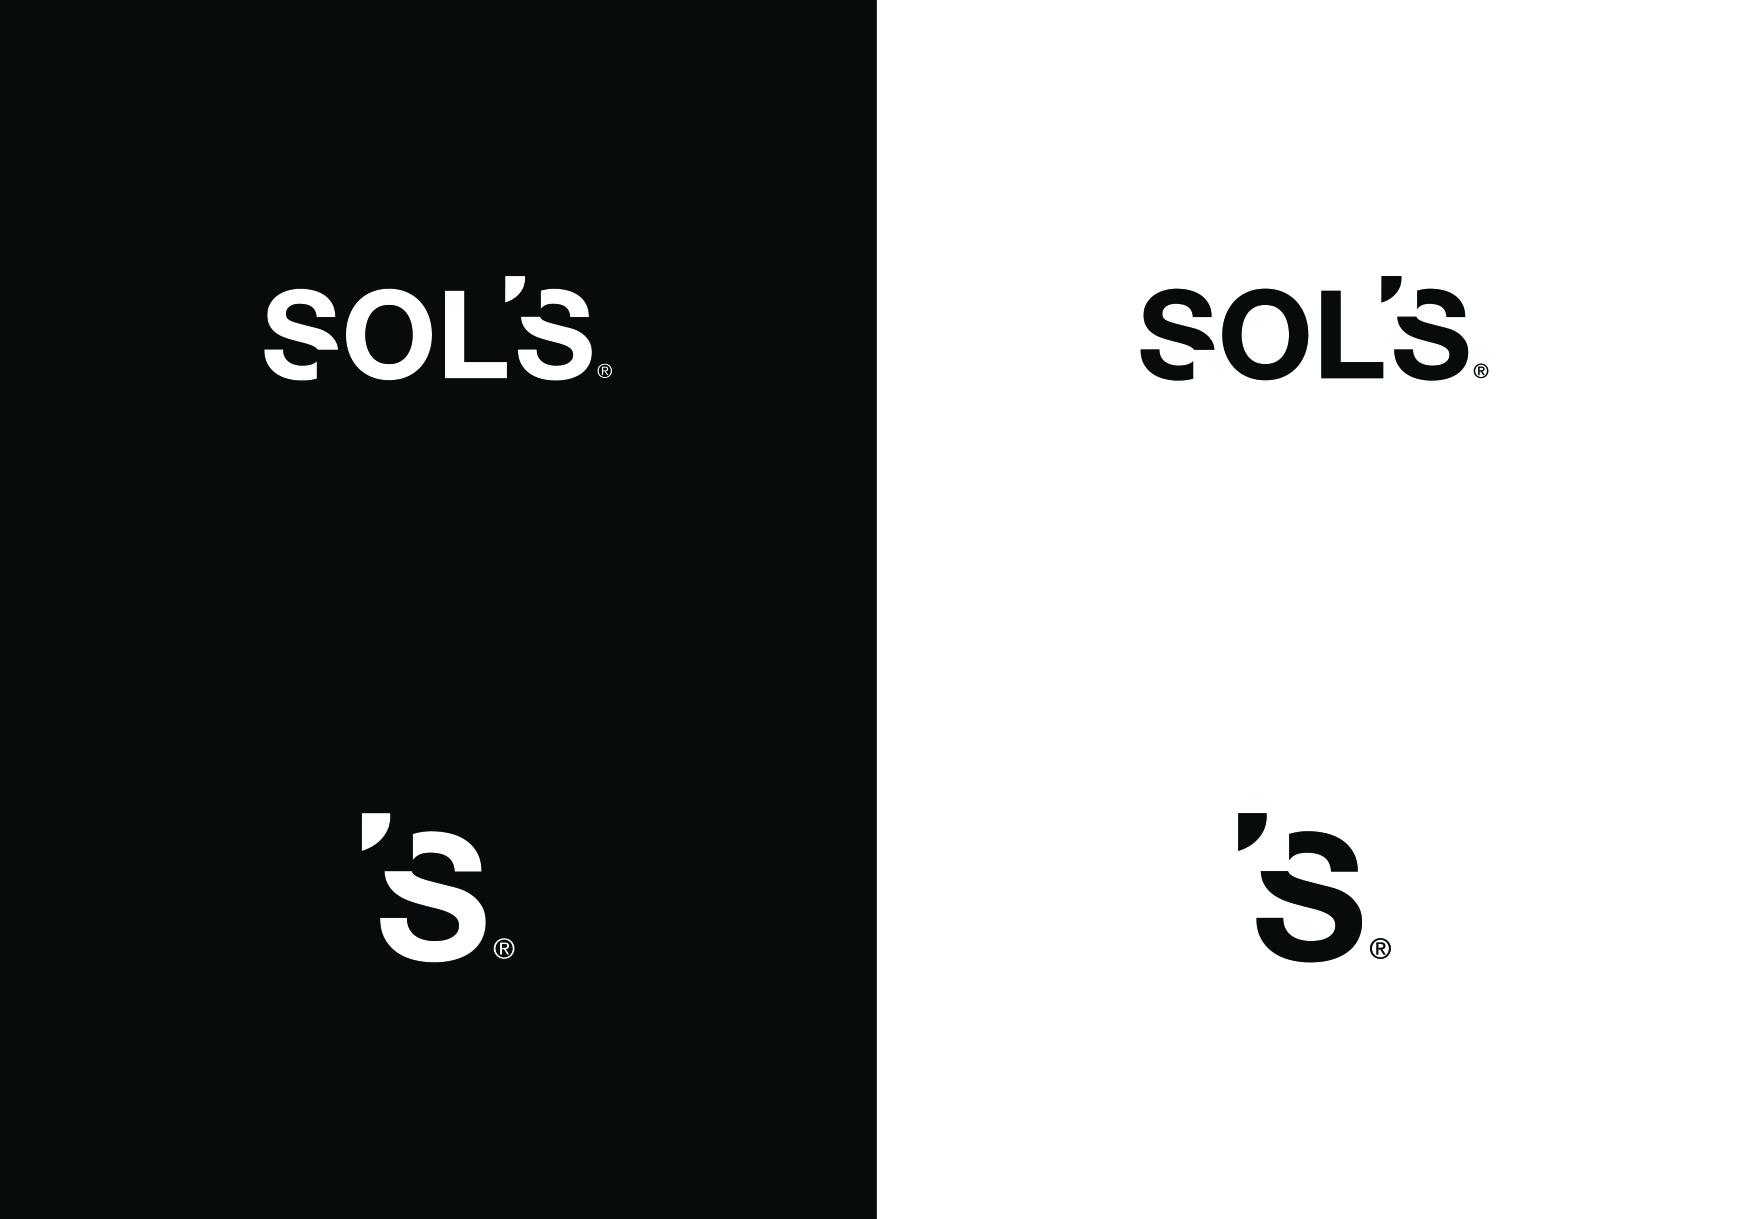 sol's - textile promotionnel - identité visuelle